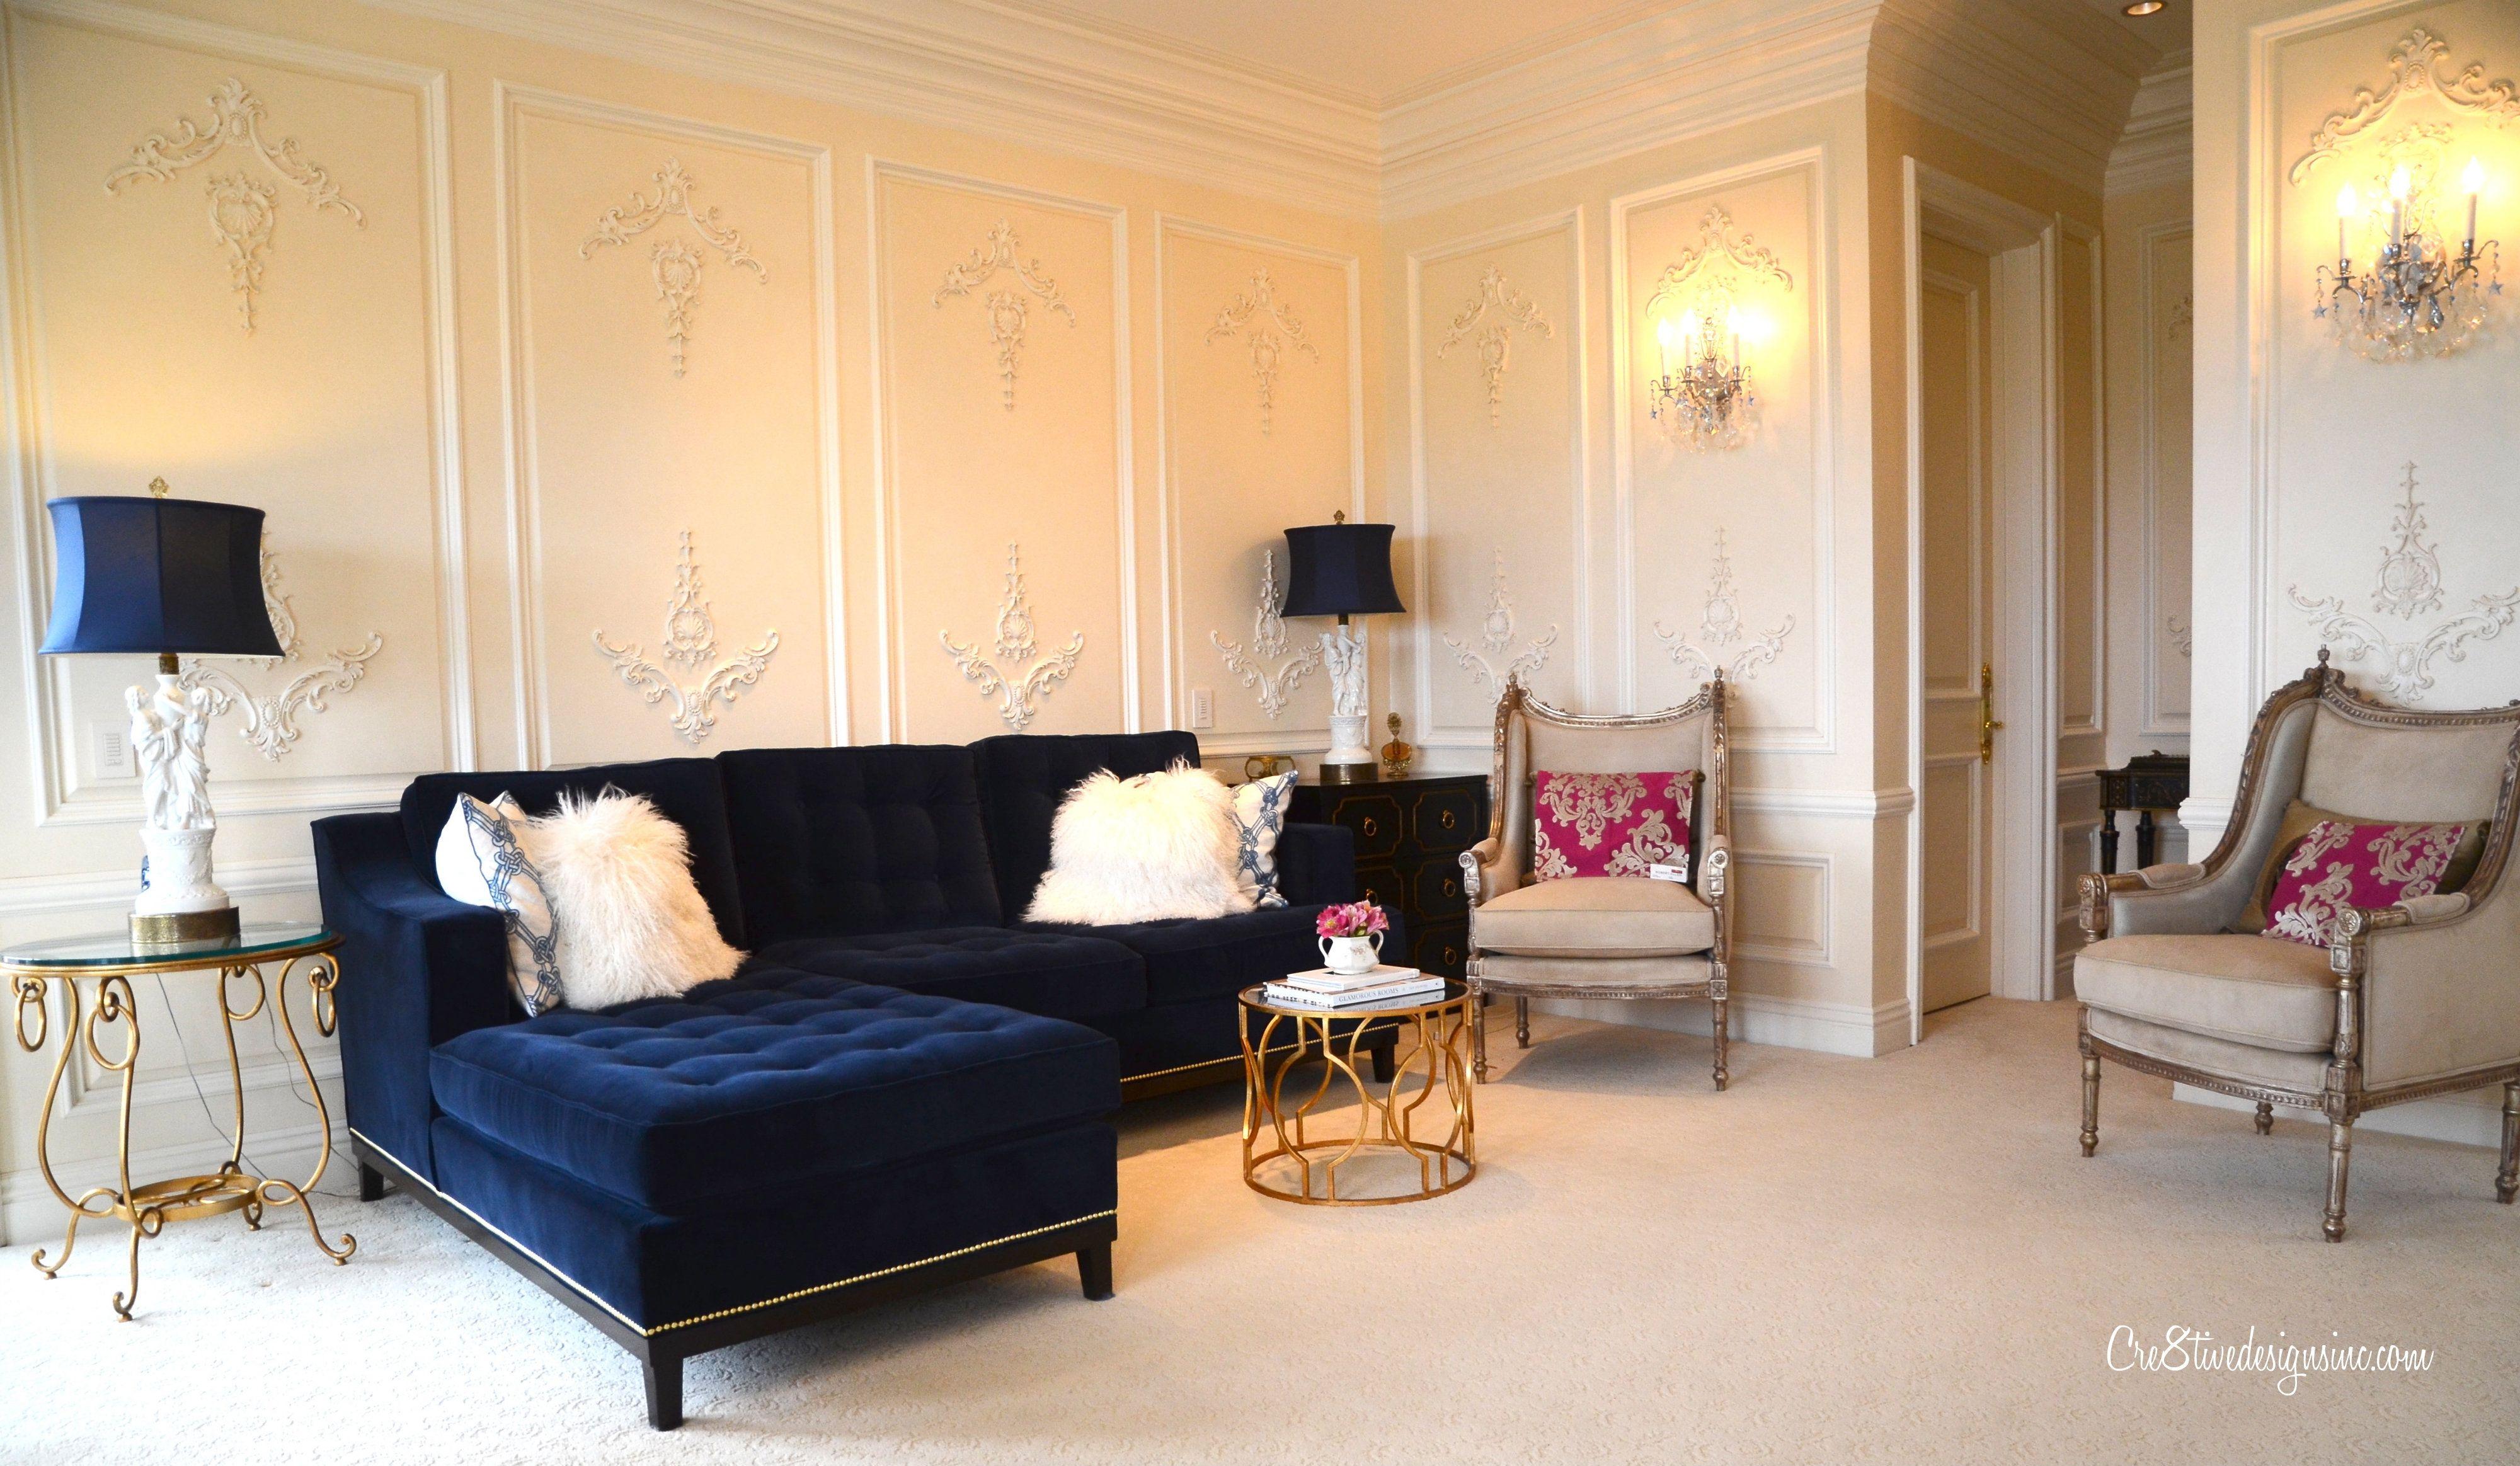 43+ Navy blue tufted living room set information